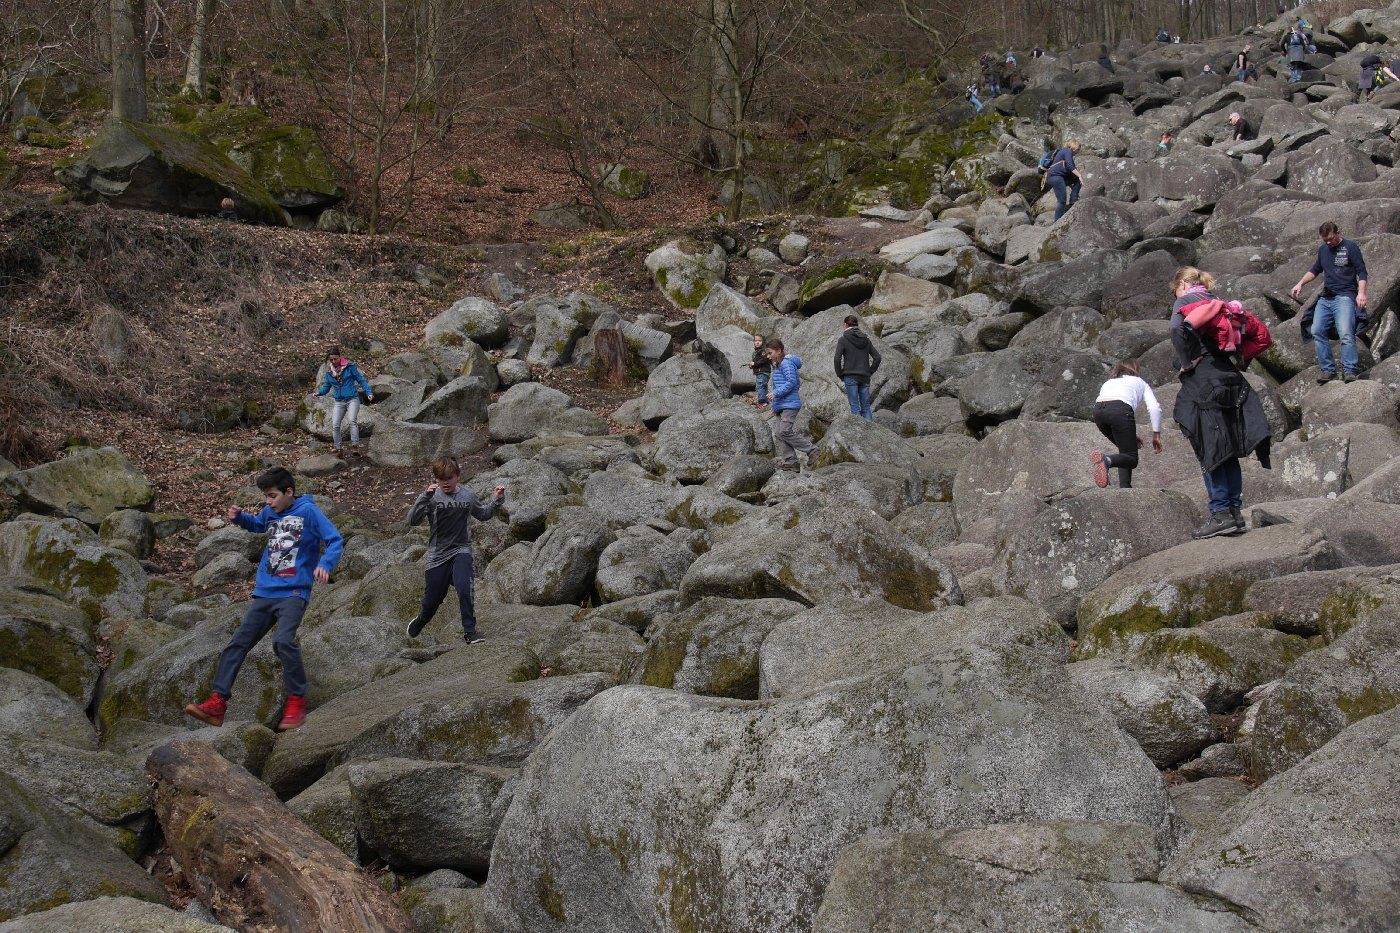 Kinder hüpfend im Felsenmeer